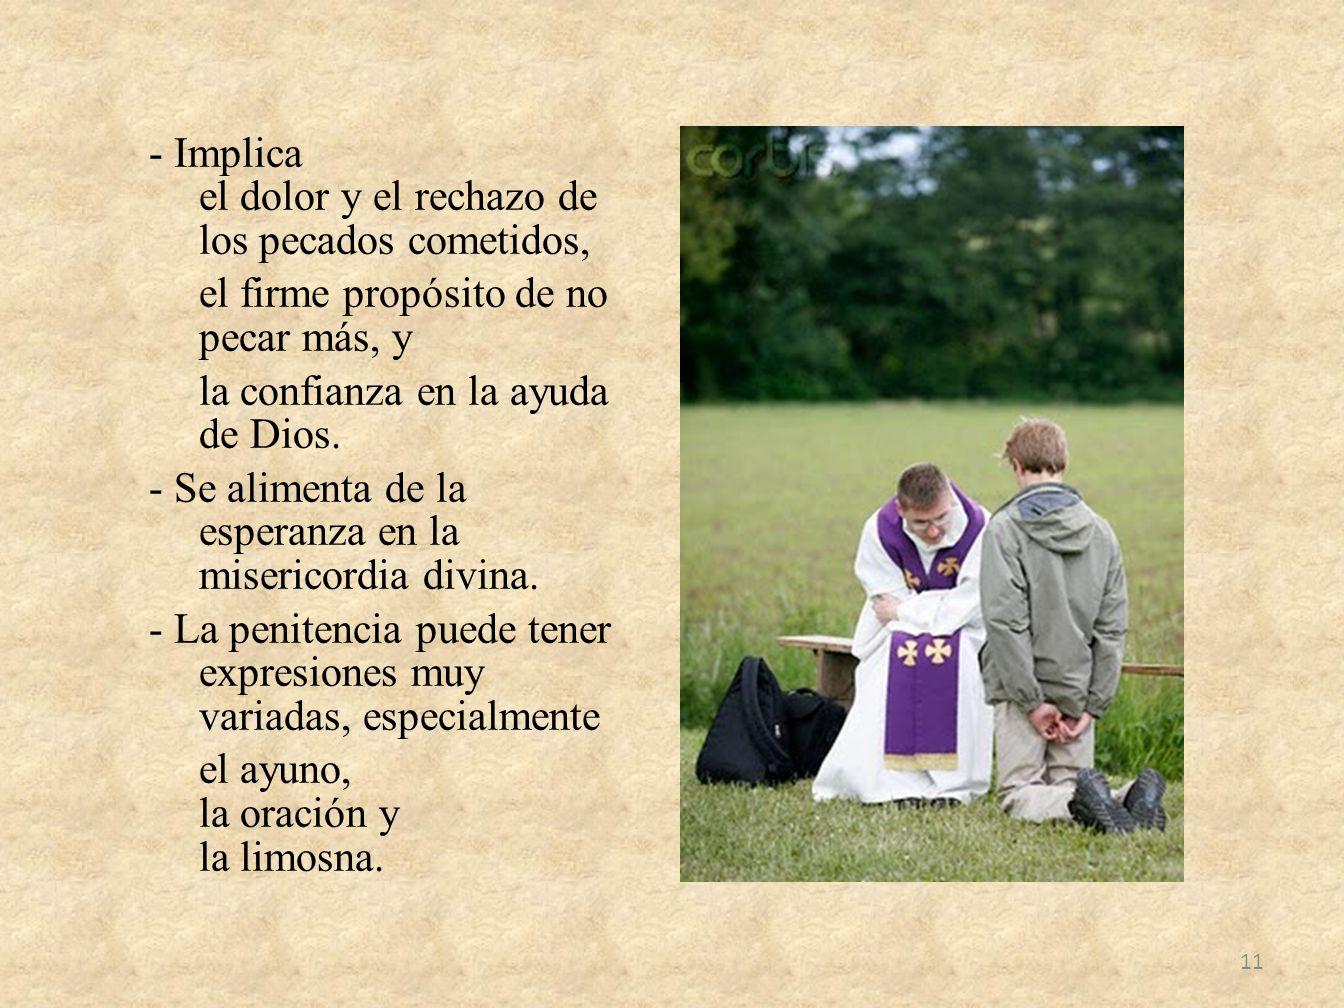 - Implica el dolor y el rechazo de los pecados cometidos, el firme propósito de no pecar más, y la confianza en la ayuda de Dios. - Se alimenta de la